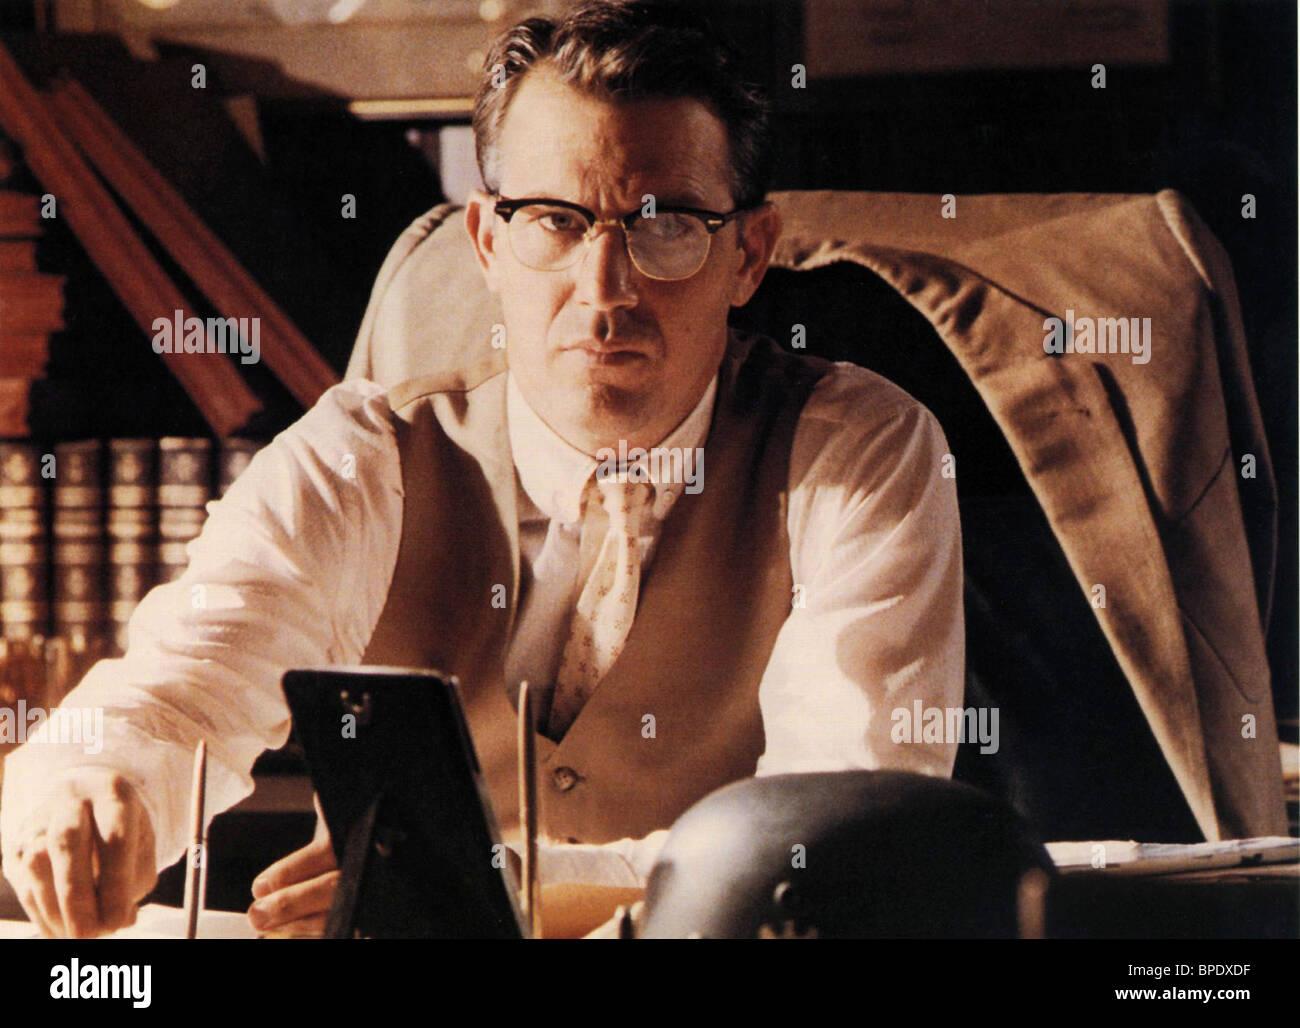 KEVIN COSTNER J.F.K.: JFK (1991) - Stock Image